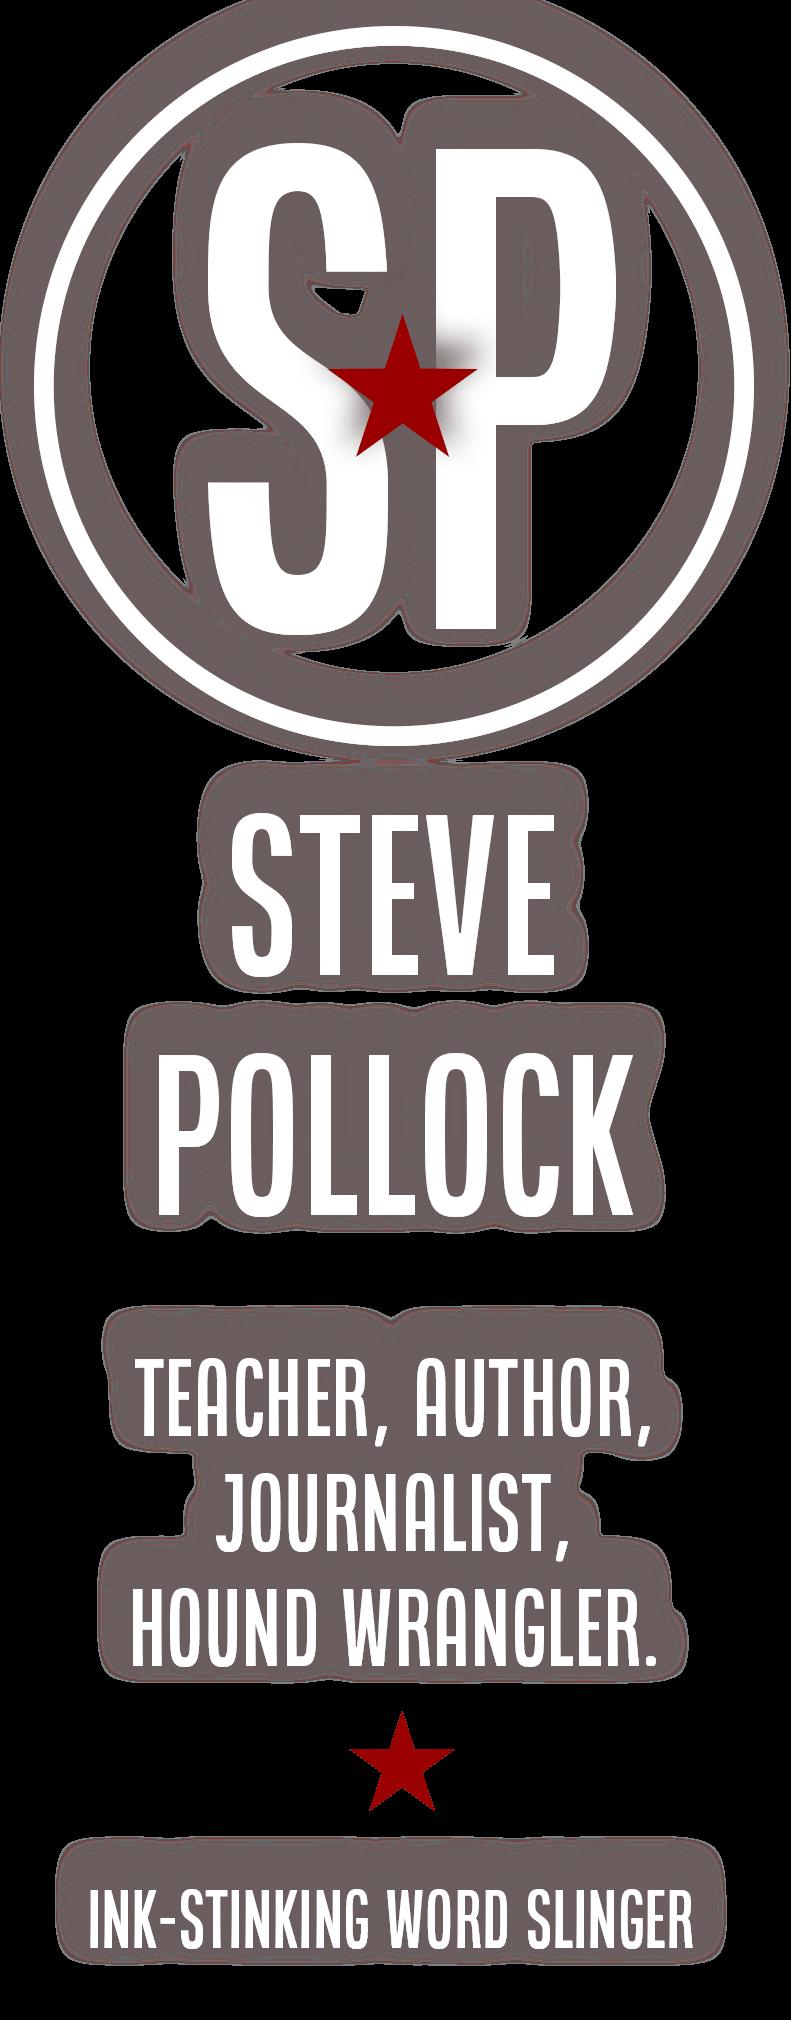 Steve Pollock